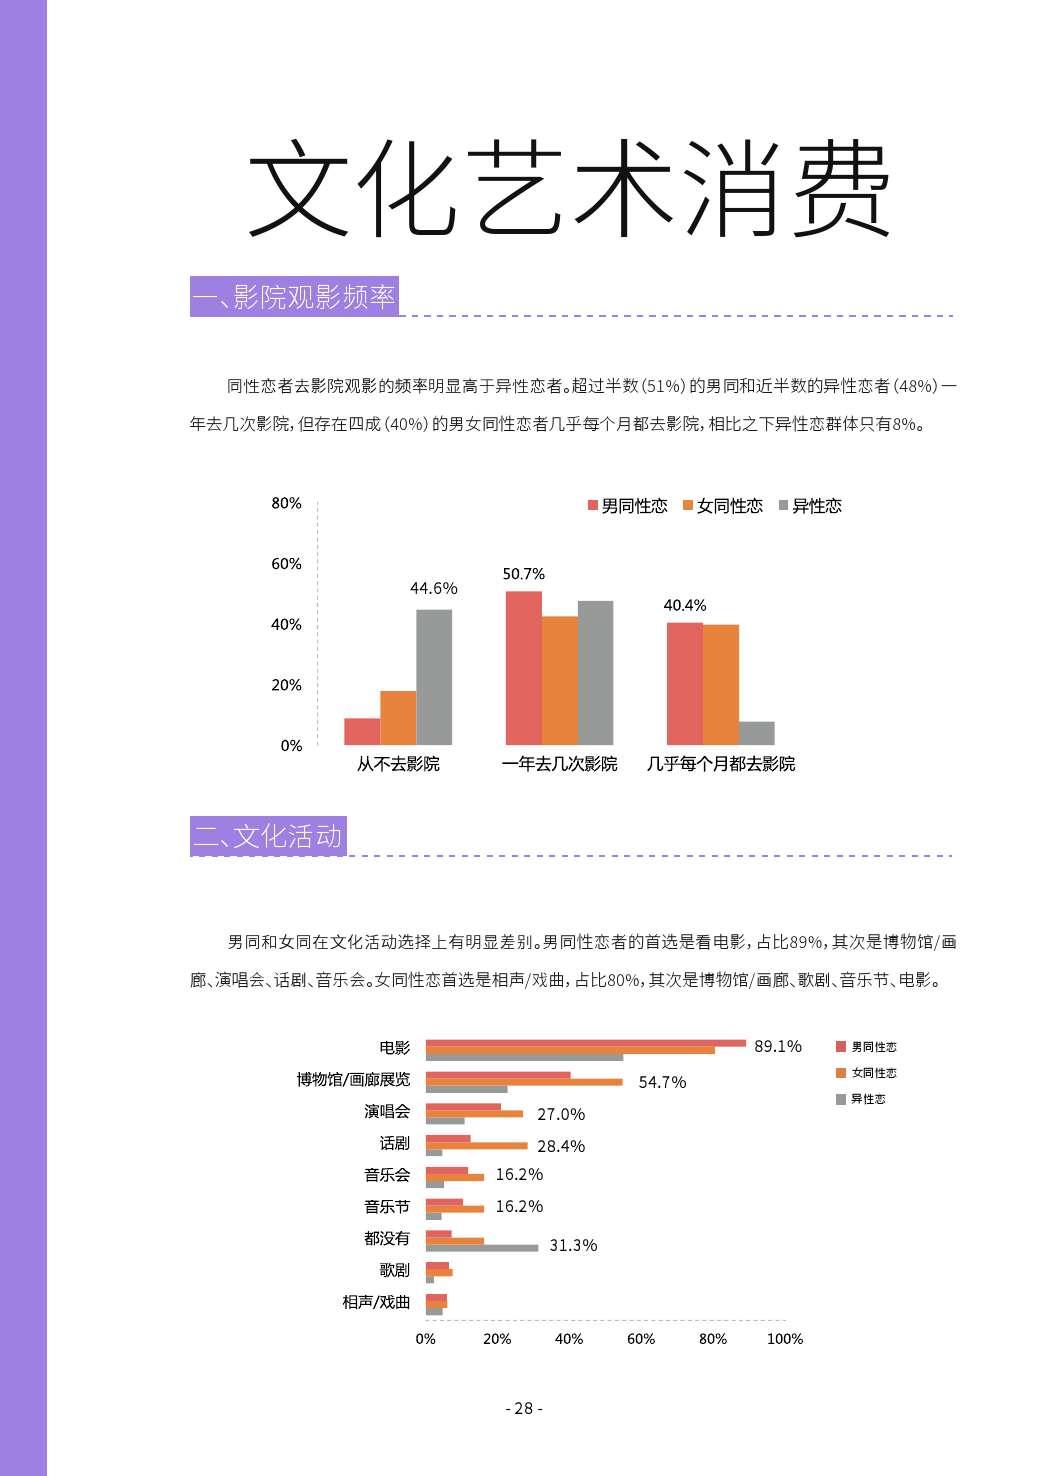 第二届中国LGBT群体消费调查报告_000028